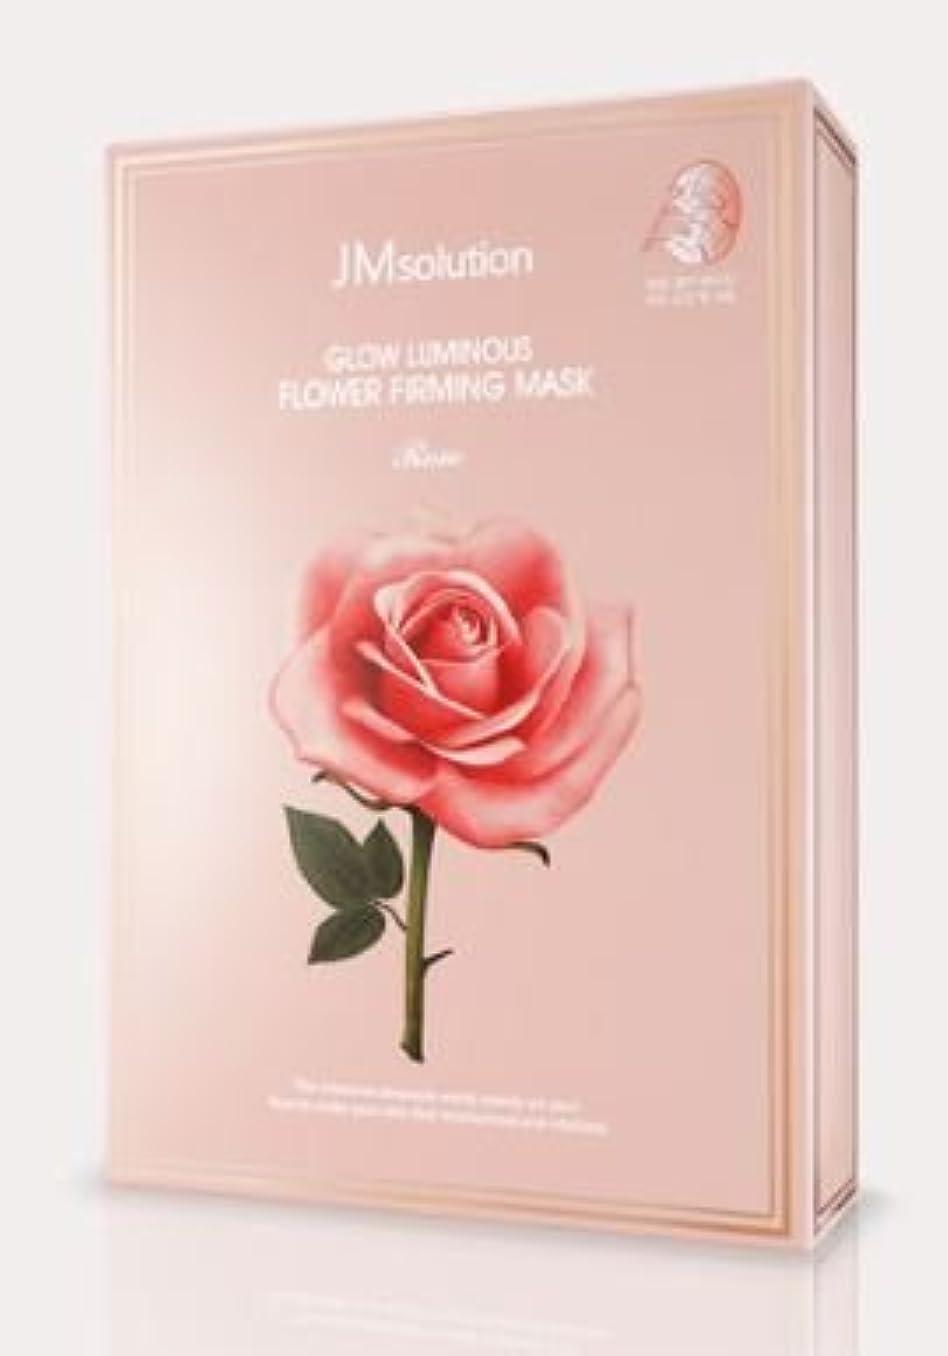 失業シャーロットブロンテ見て[JM solution] Glow Luminous Flower Firming Mask Rose 30ml*10ea [並行輸入品]